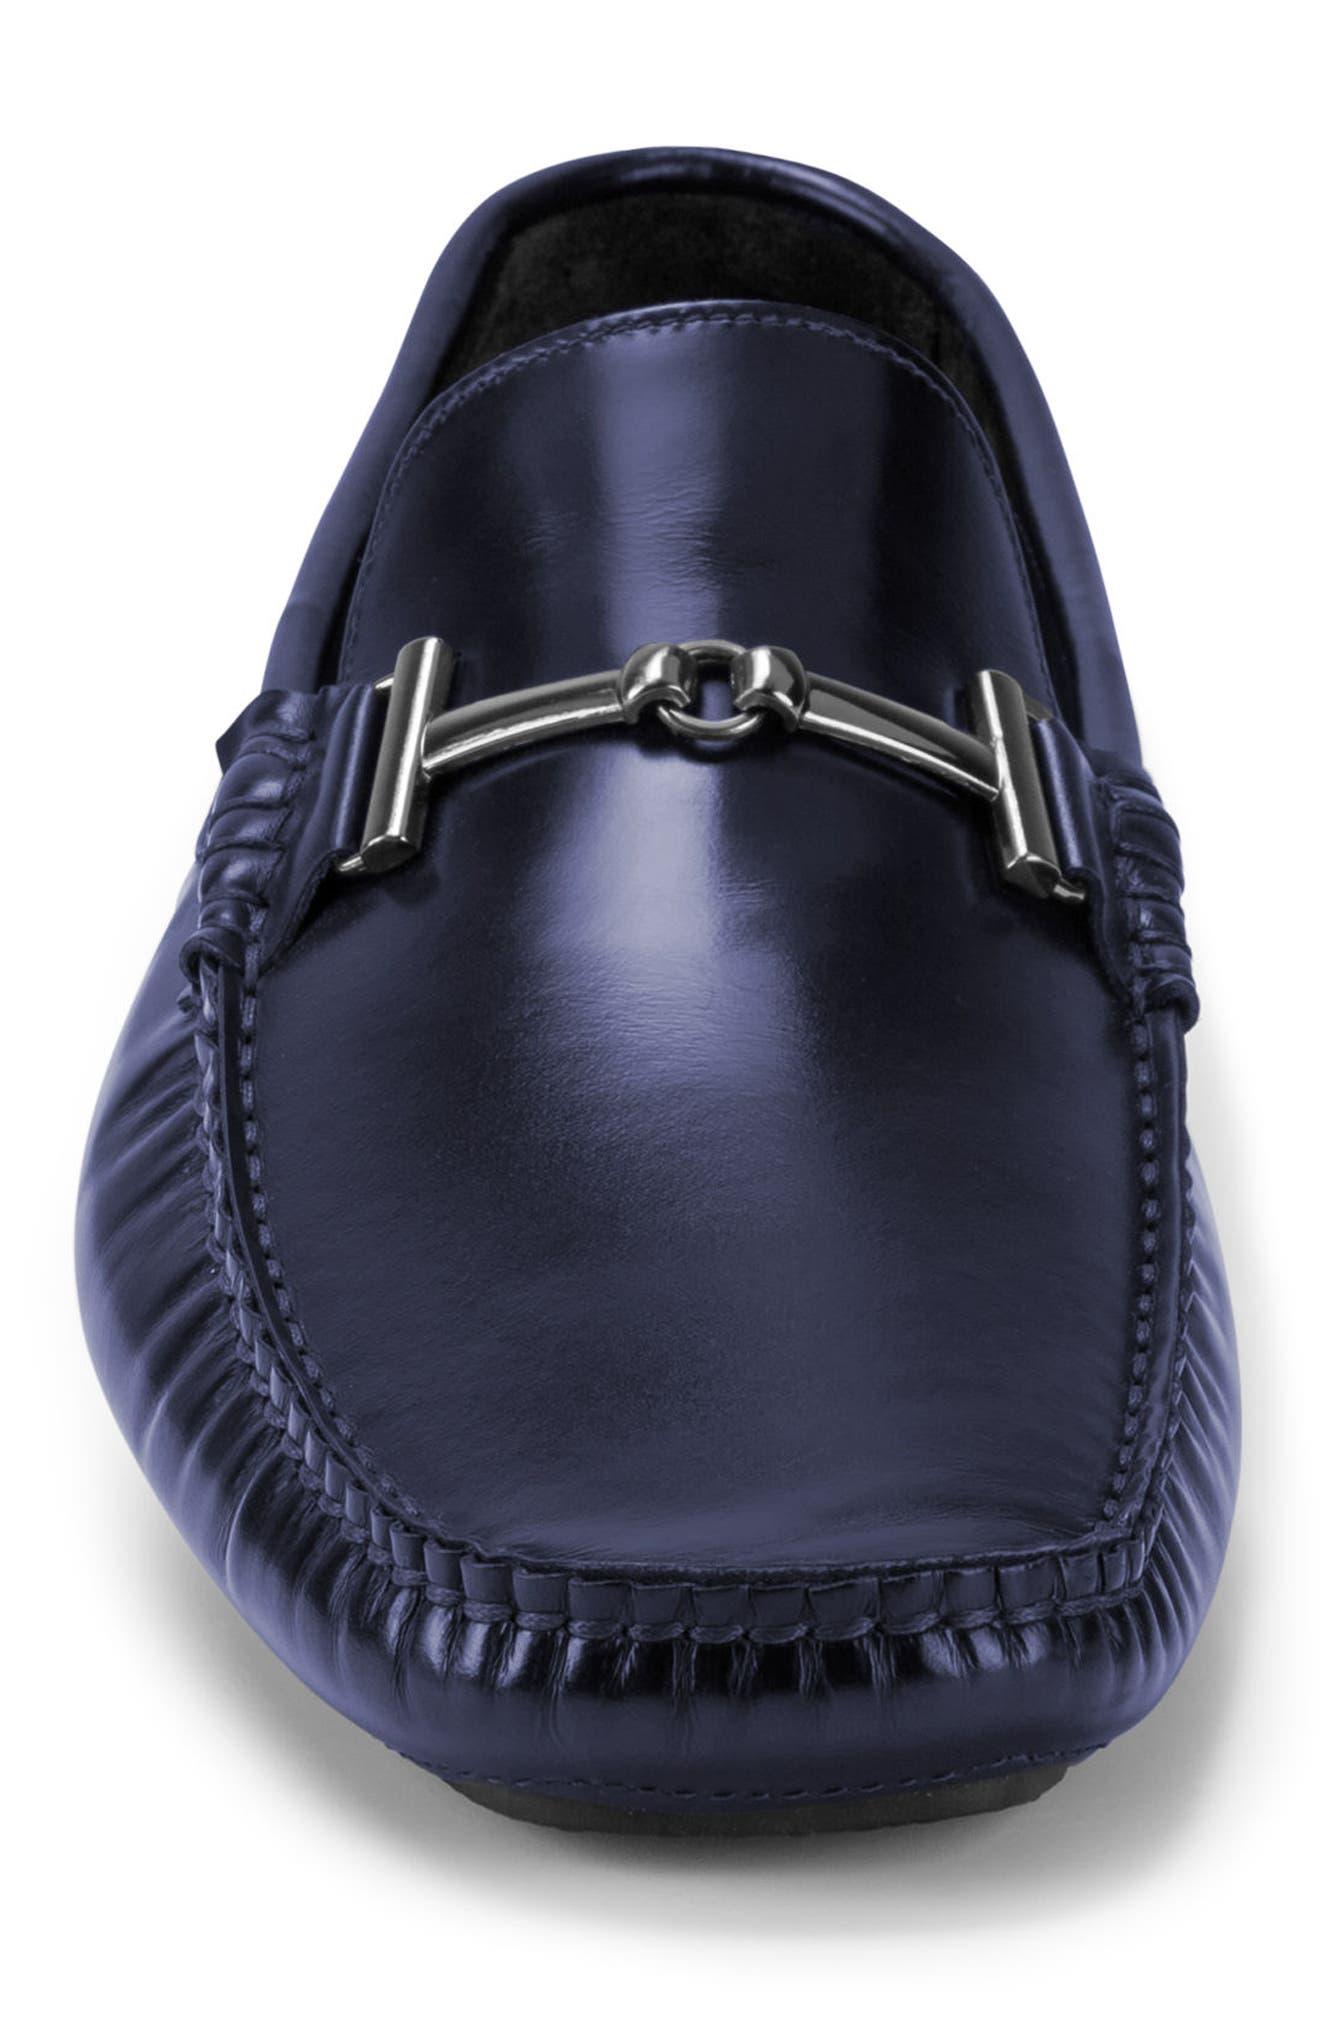 St. Tropez Driving Shoe,                             Alternate thumbnail 4, color,                             Blue Leather